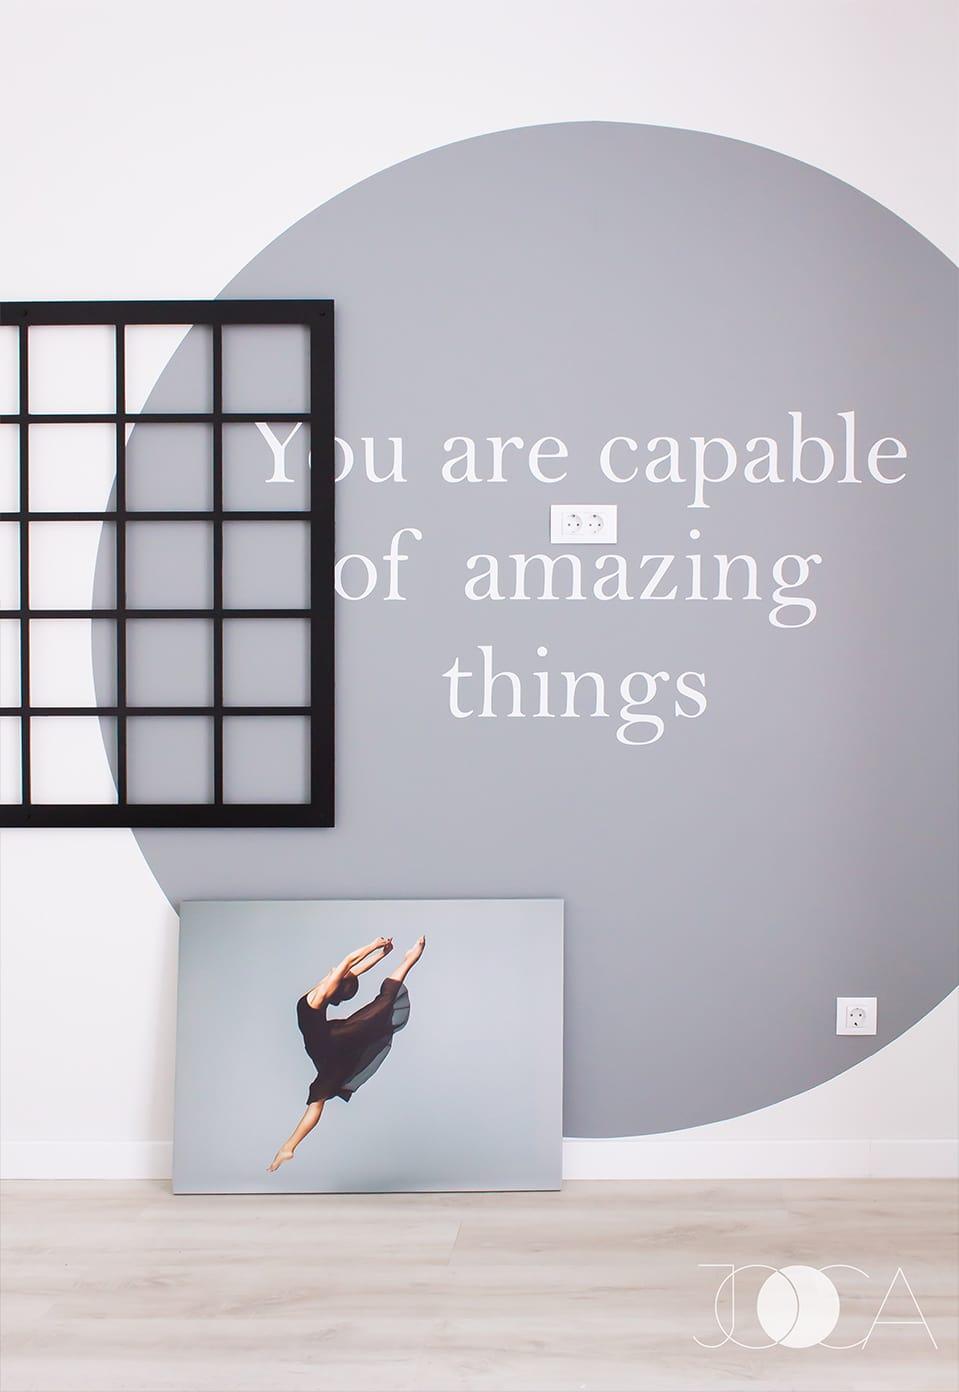 Pasiunile pentru dans si fotografie sunt punse in lumina de perete din fata patului. Gridul metalic este folosit pentru expunerea de fotografii, iar stickerul rotund o incurajeaza pe M. in fiecare zi.